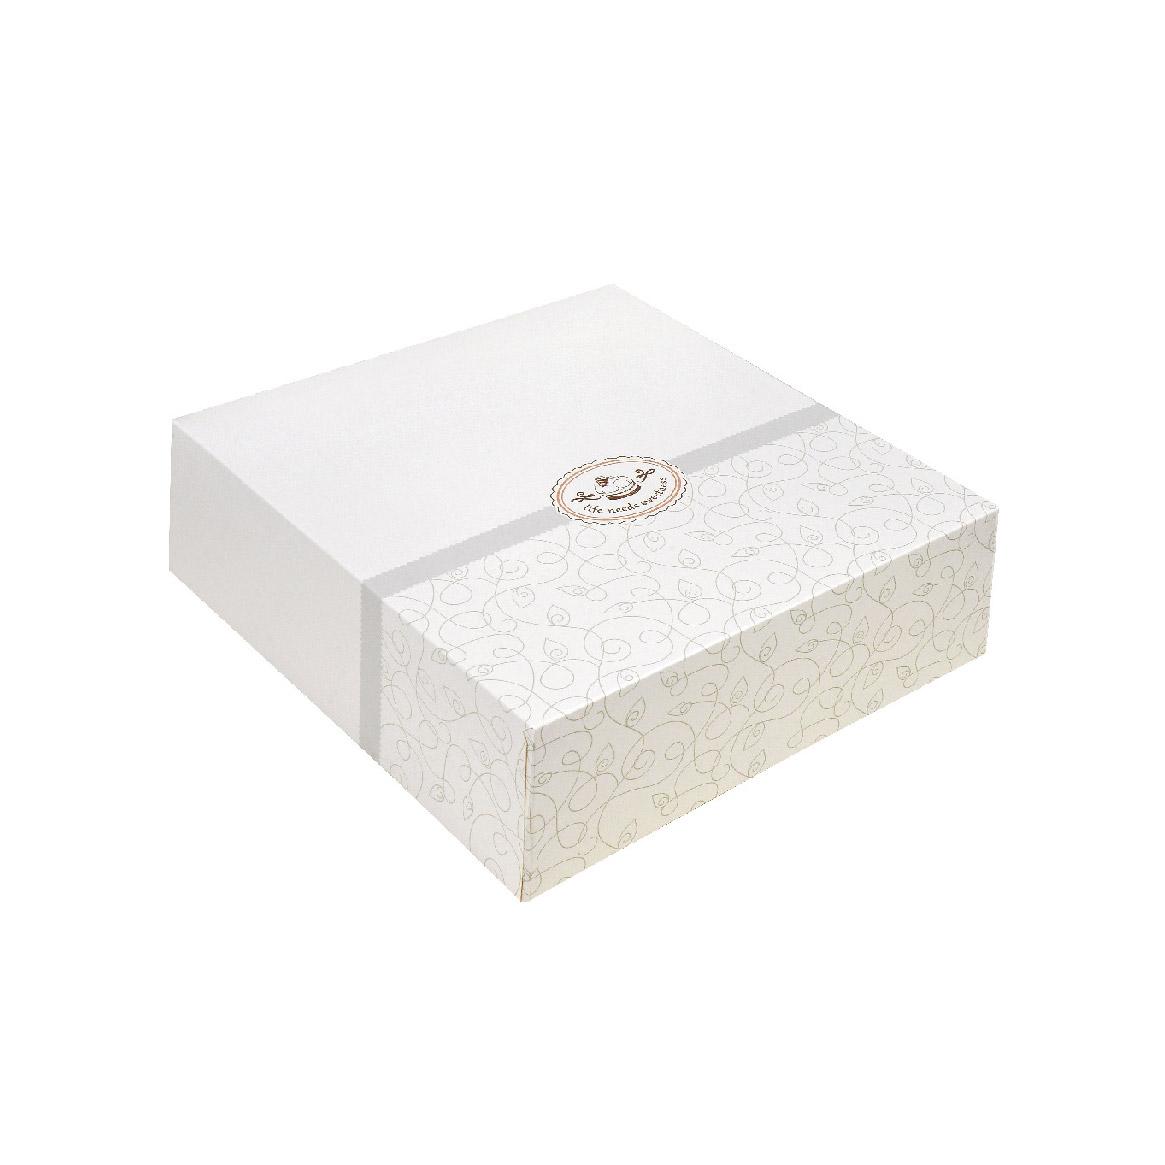 """ΚΟΥΤΙ No.30 """"CAKE BOX"""" ΜΕ ΕΥΚΟΛΟ ΑΝΟΙΓΜΑ (EASY OPEN) 10ΤΕΜ"""